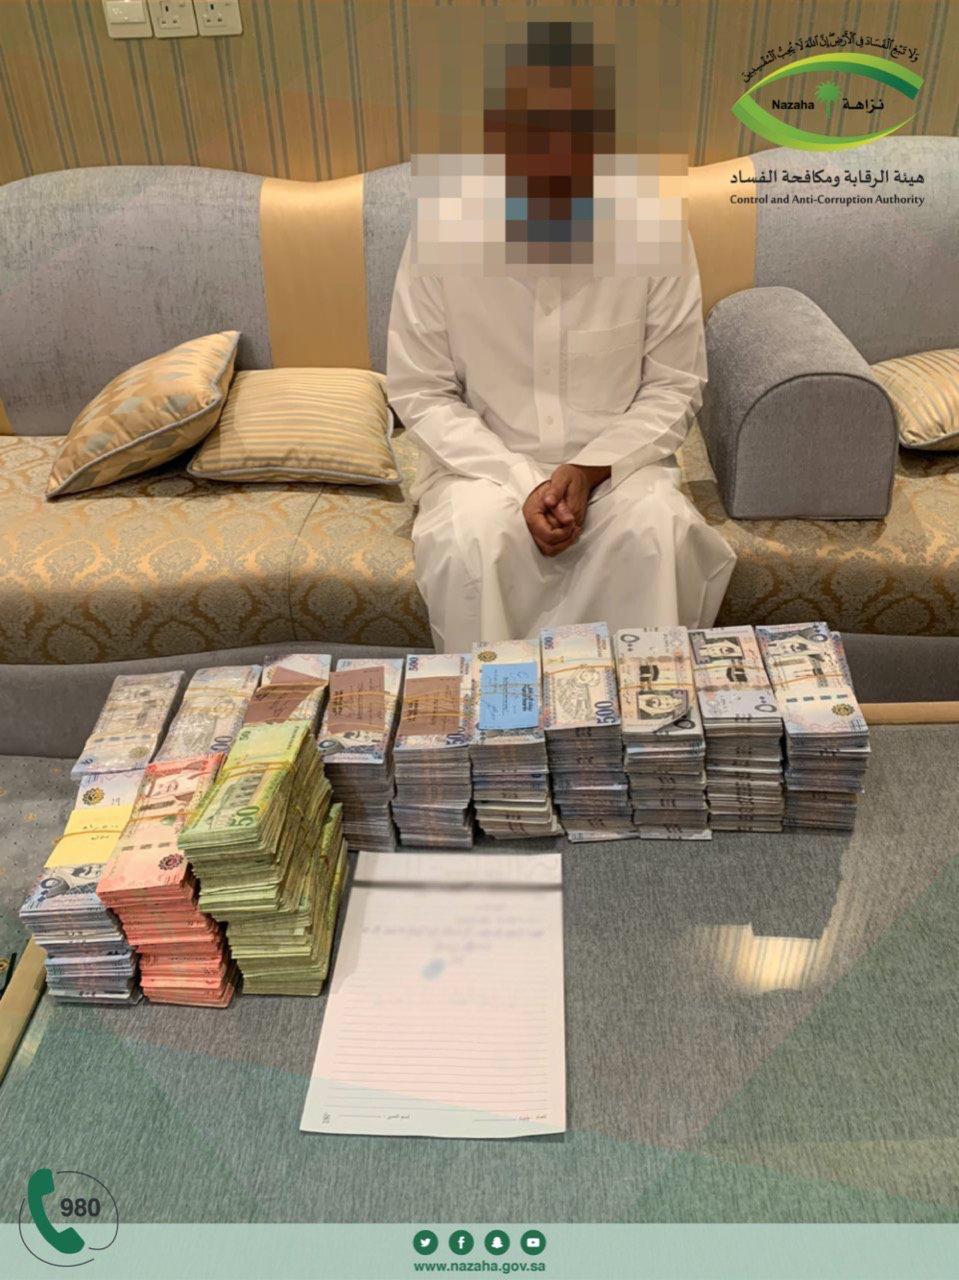 مكافحة الفساد تكشف عن قضية فساد كبرى في بلدية بالرياض تورط بها 5 موظفين